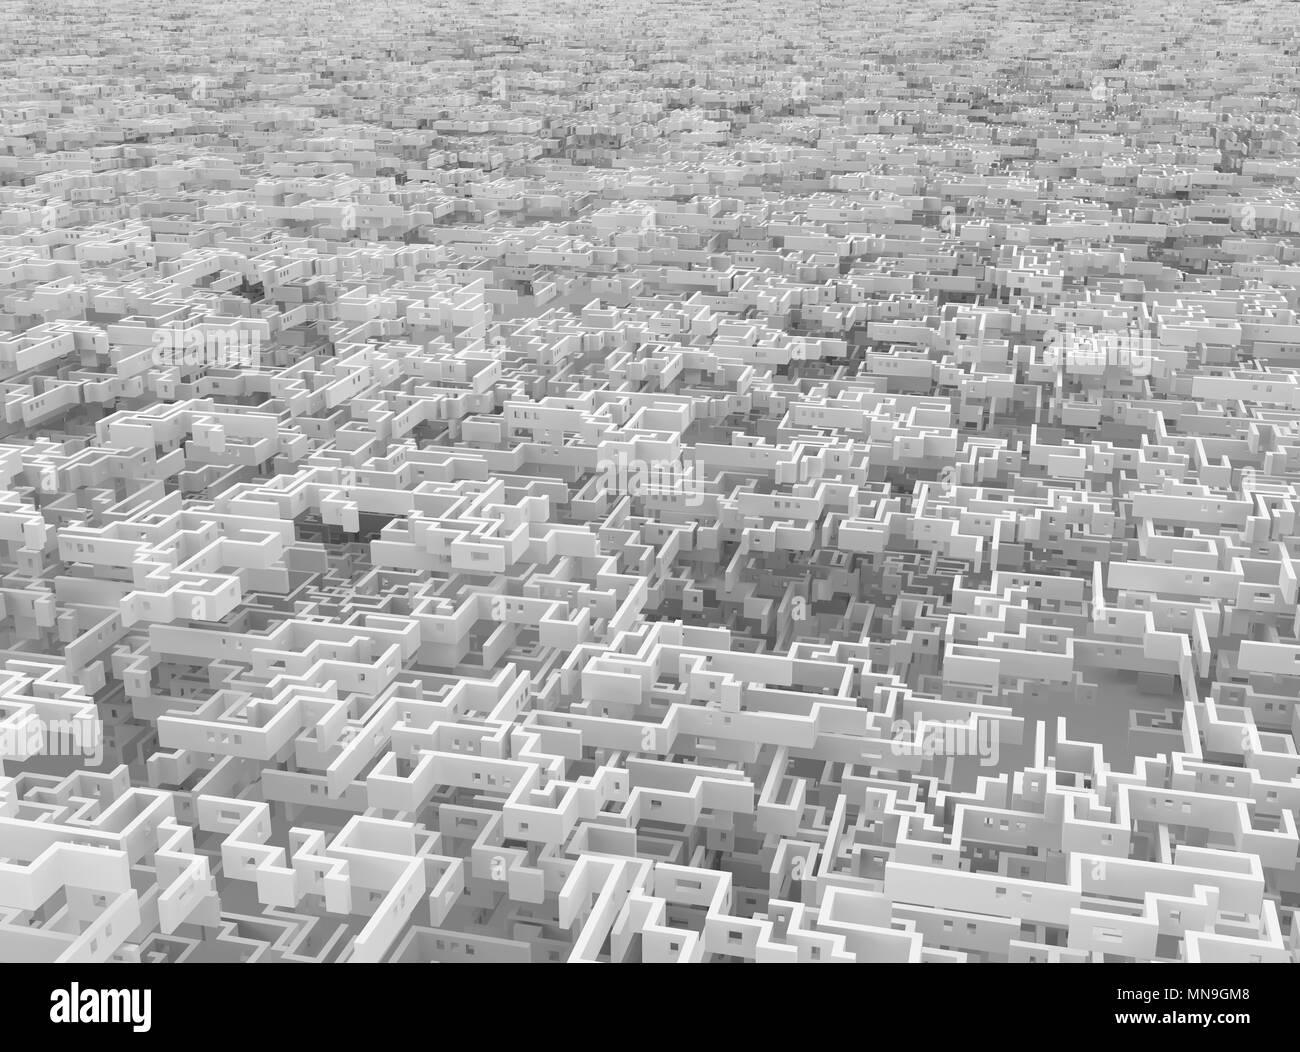 Mur blanc sans fin Labyrinthe Labyrinthe géant surréaliste, 3d illustration, arrière-plan horizontal Photo Stock